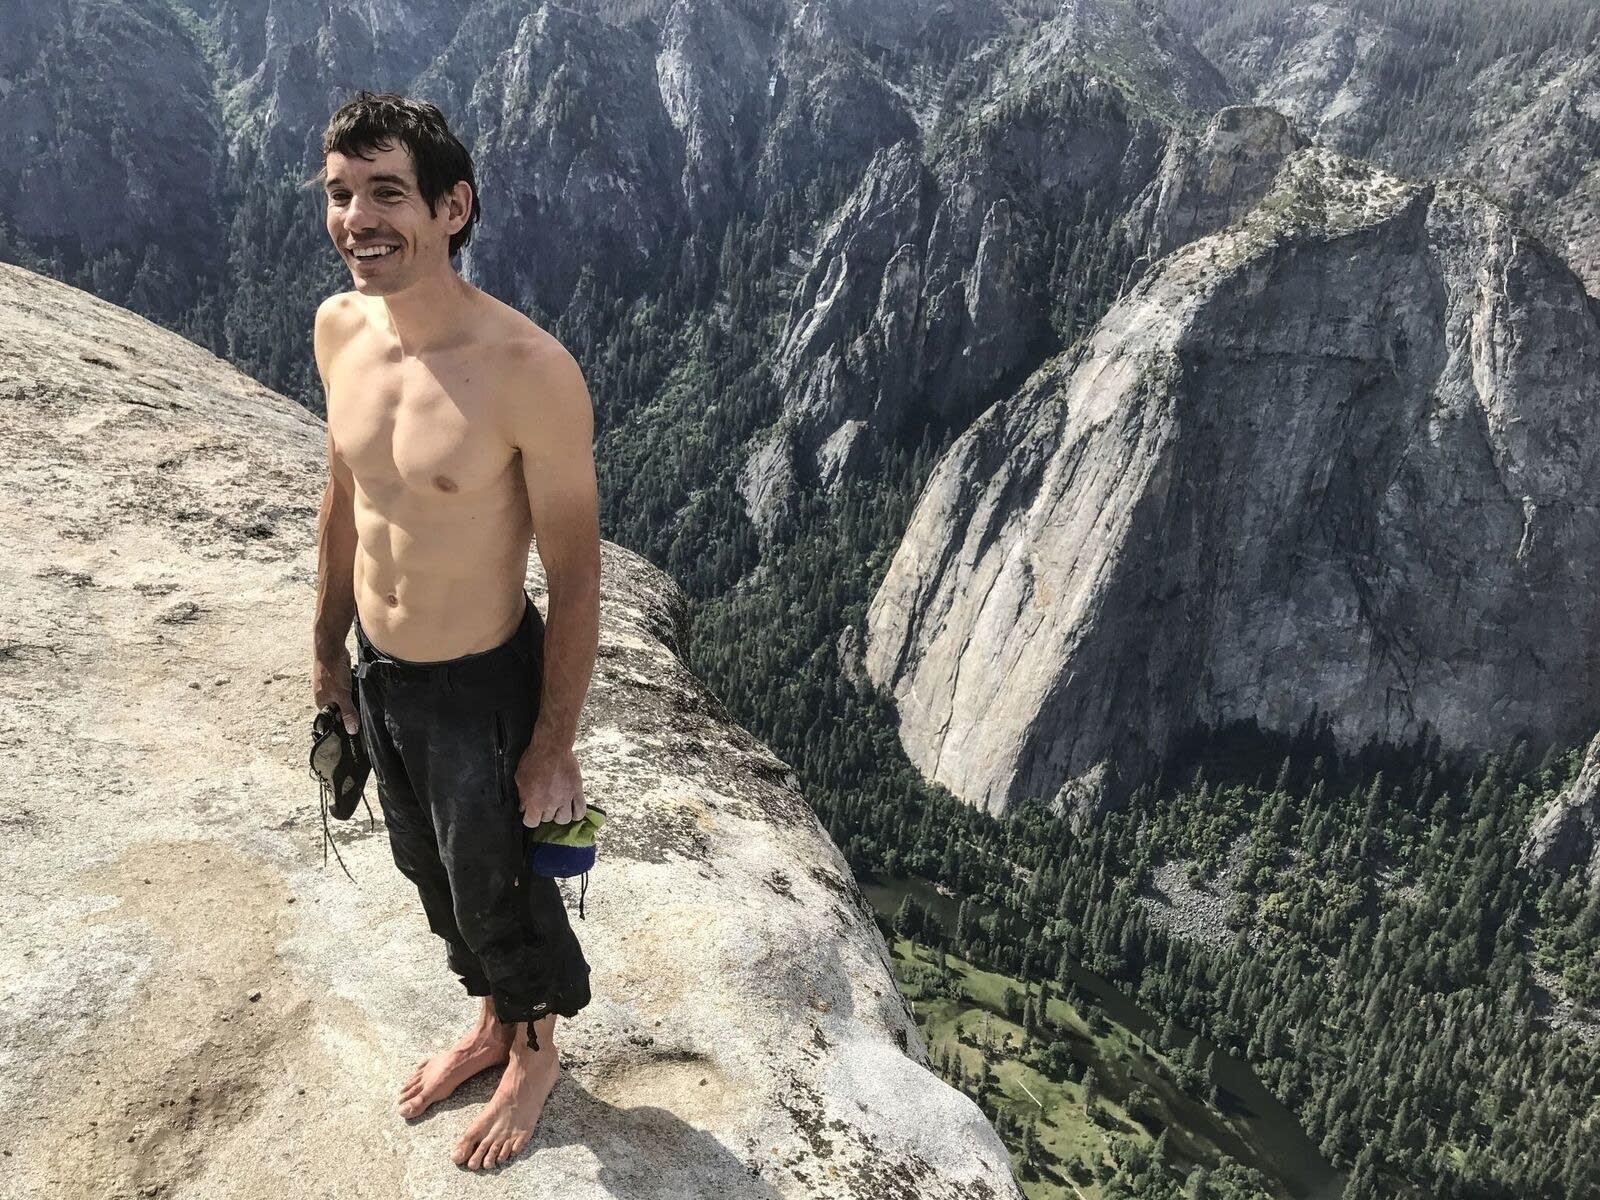 Alex Honnold stands atop El Capitan after his historic free solo climb.